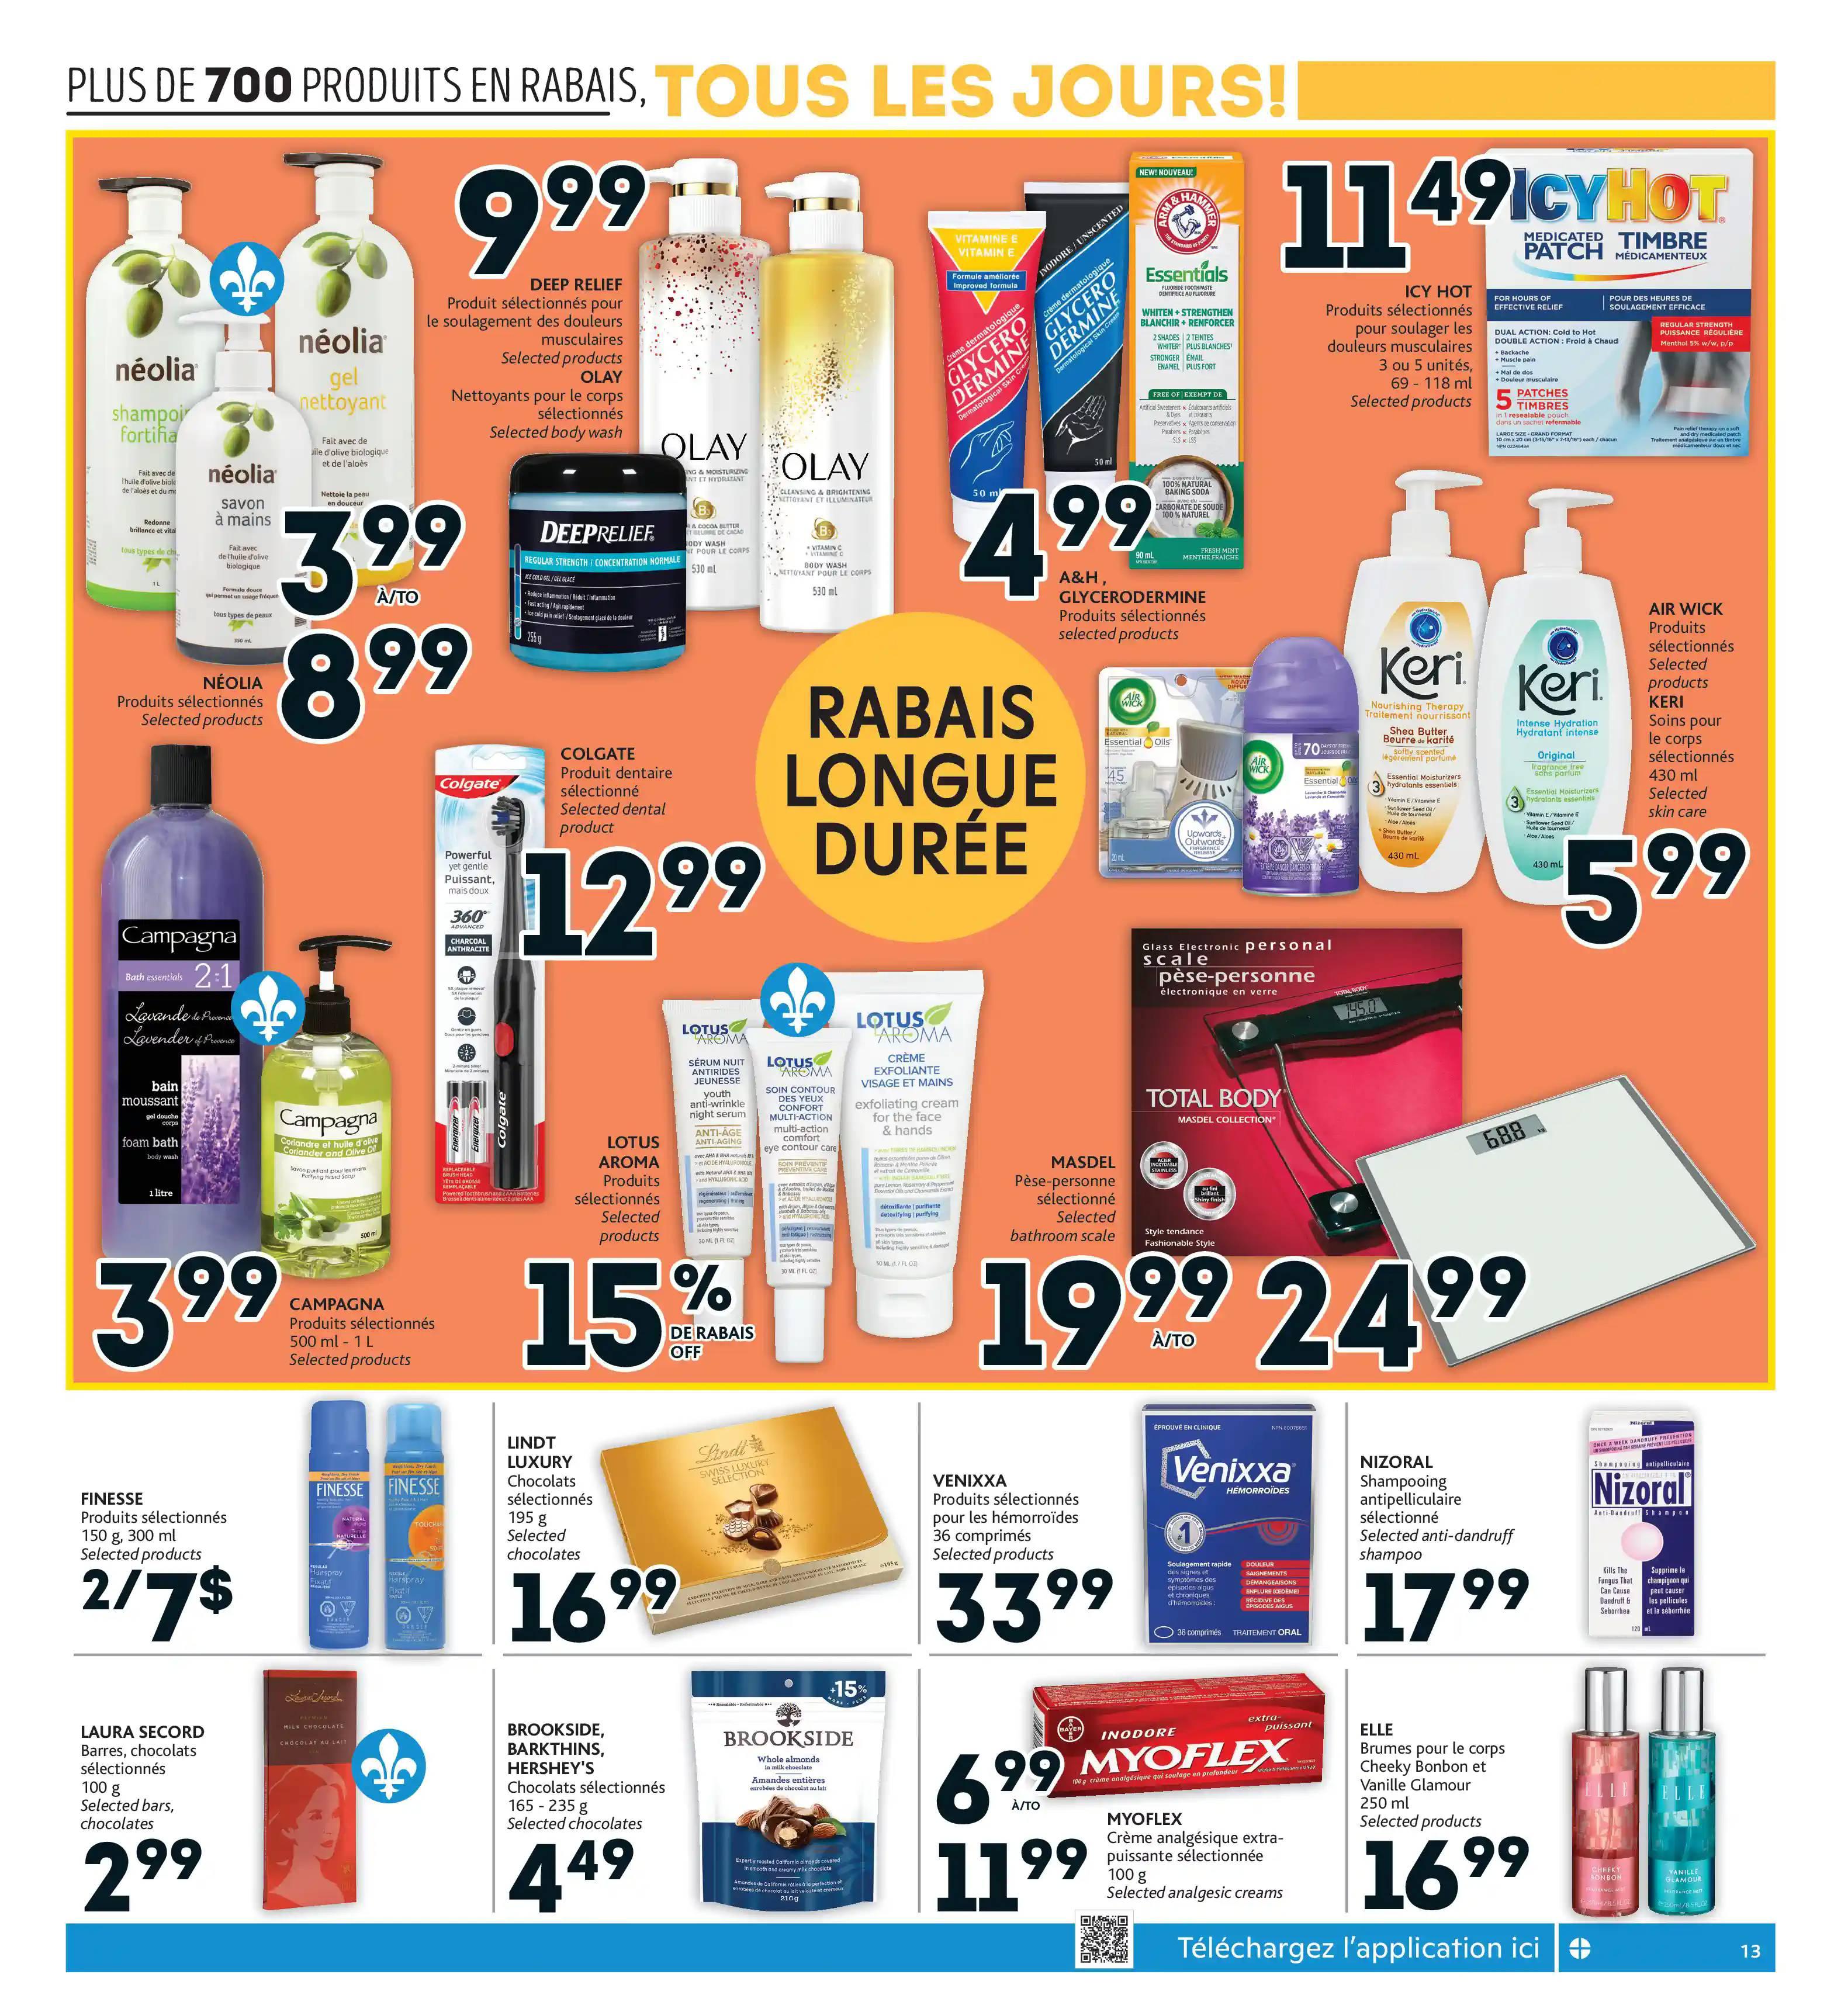 Circulaire Brunet - Pharmacie du 23 au 29 Septembre 2021 - Page 13